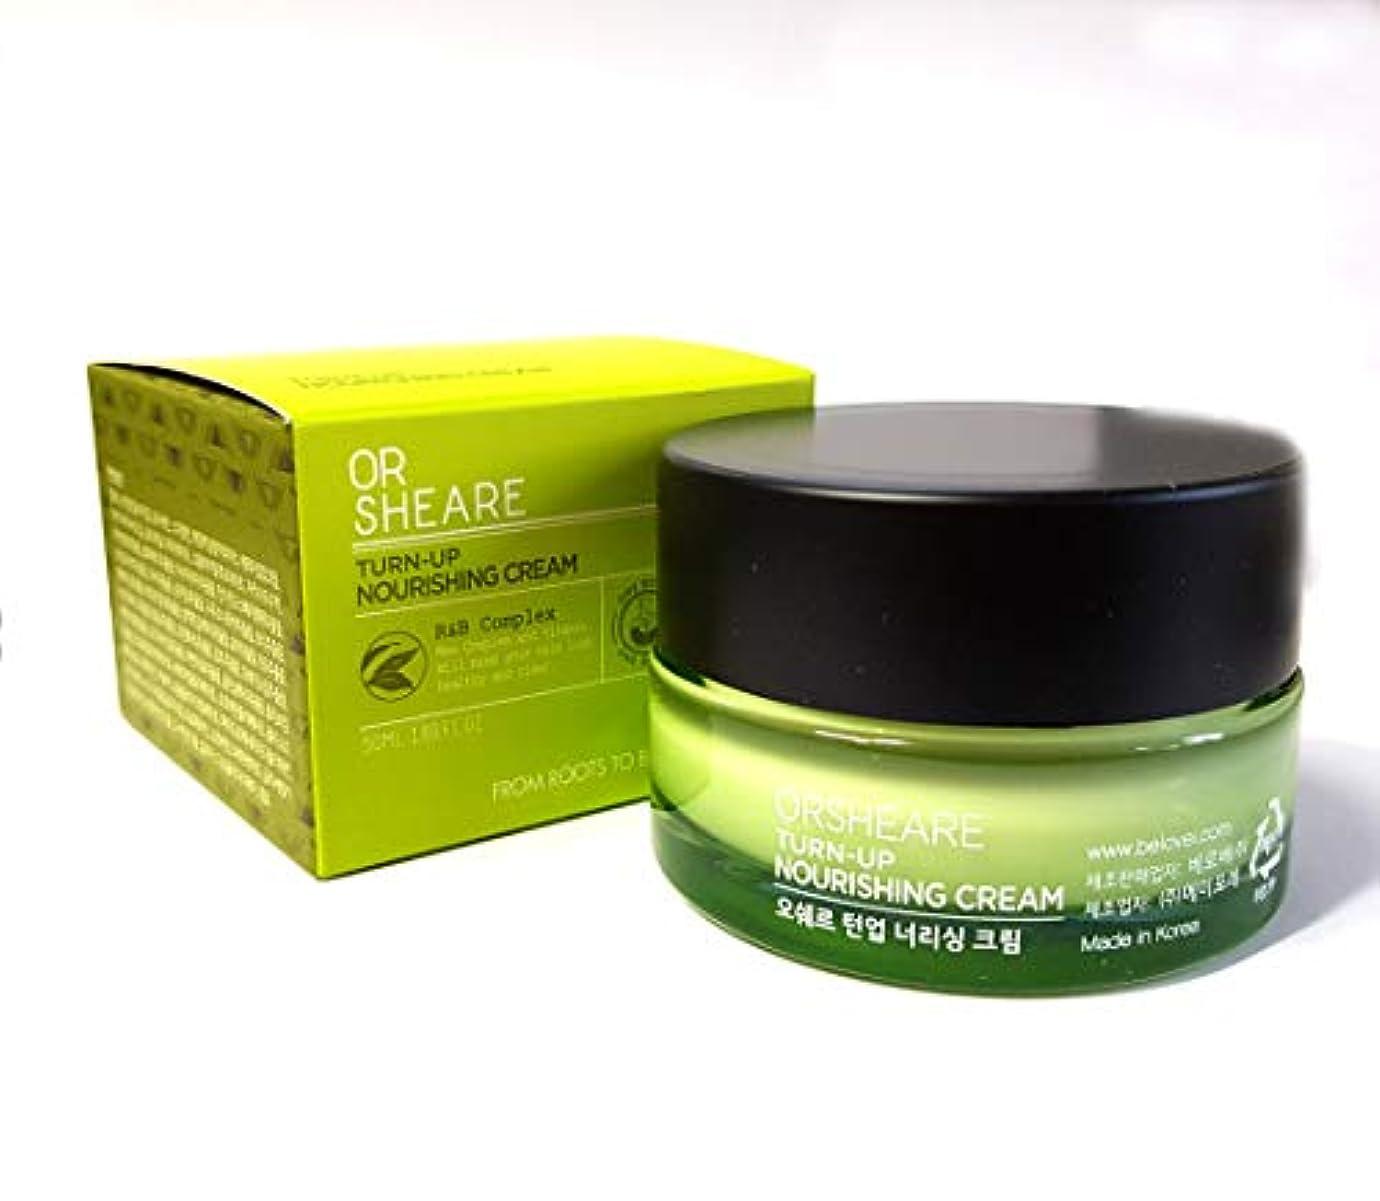 倍増セットアップ空中[OR SHEARE] トンオプ栄養クリーム50ml / Turn-up Nourishing Cream 50ml / 保湿、再生/Moisturizing,Revitalizing/韓国化粧品/Korean Cosmetics...